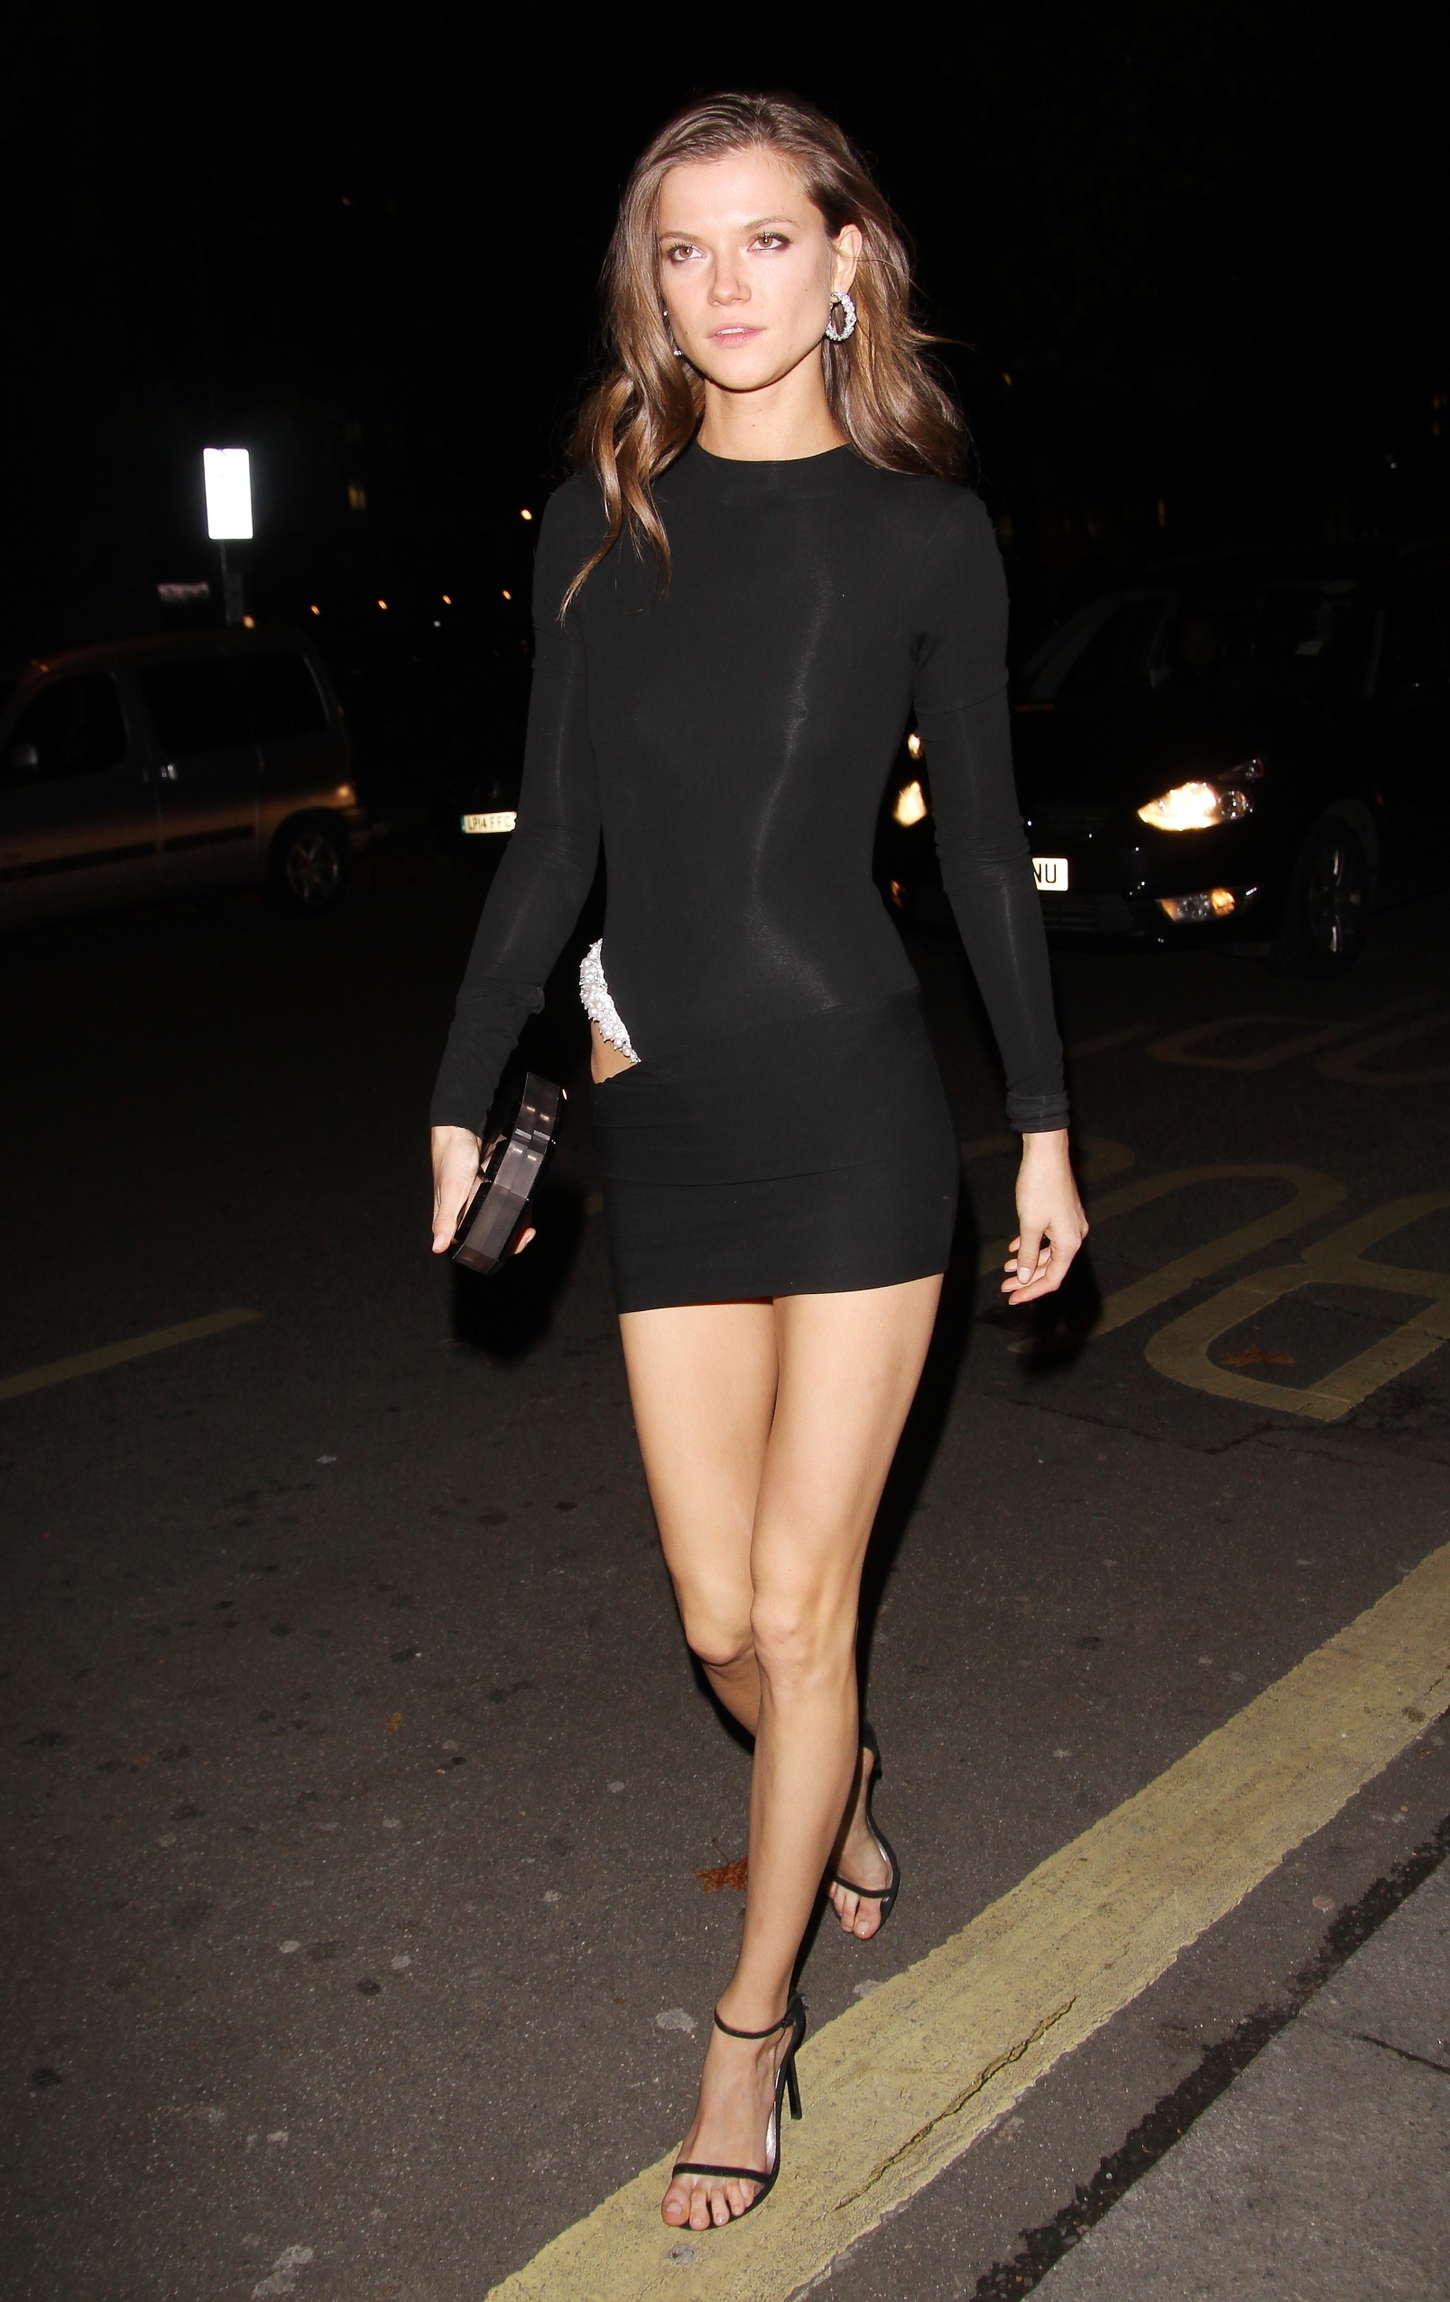 Kasia Struss In Black Mini Dress 01 Gotceleb